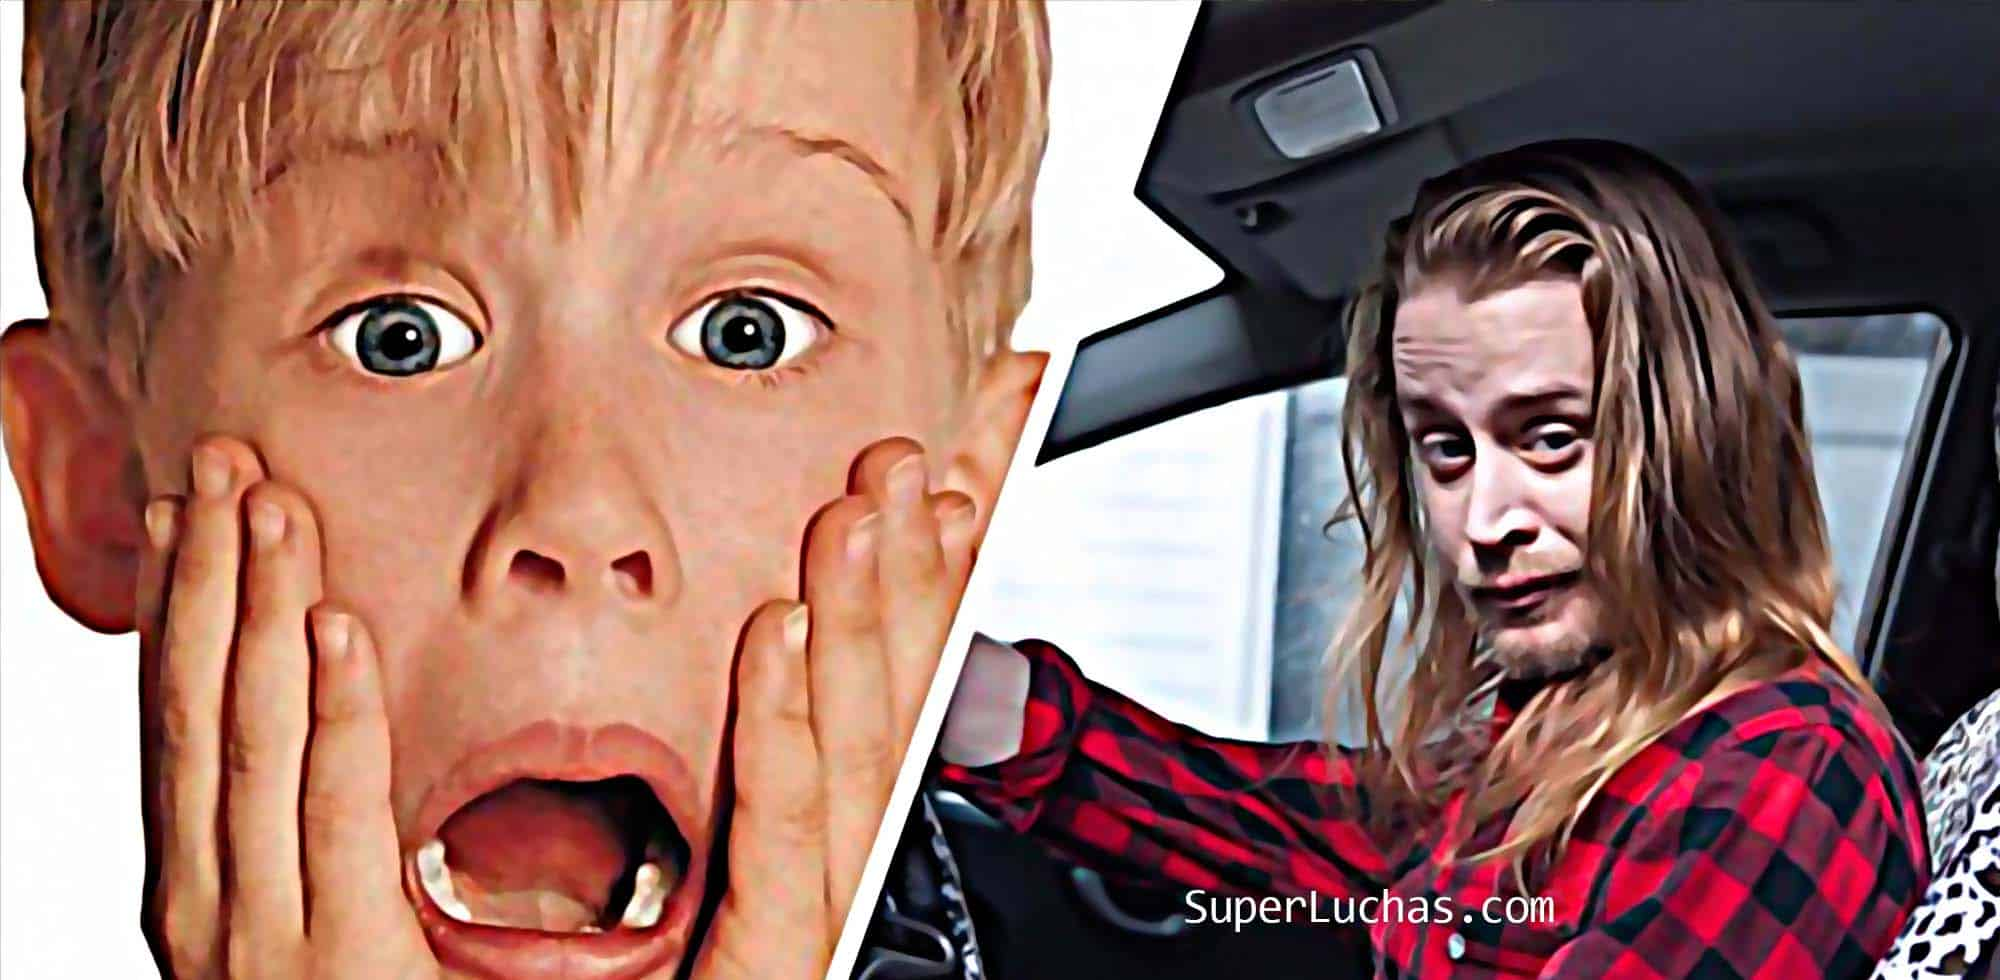 A Macaulay Culkin tampoco le gustó Super ShowDown 2020 1